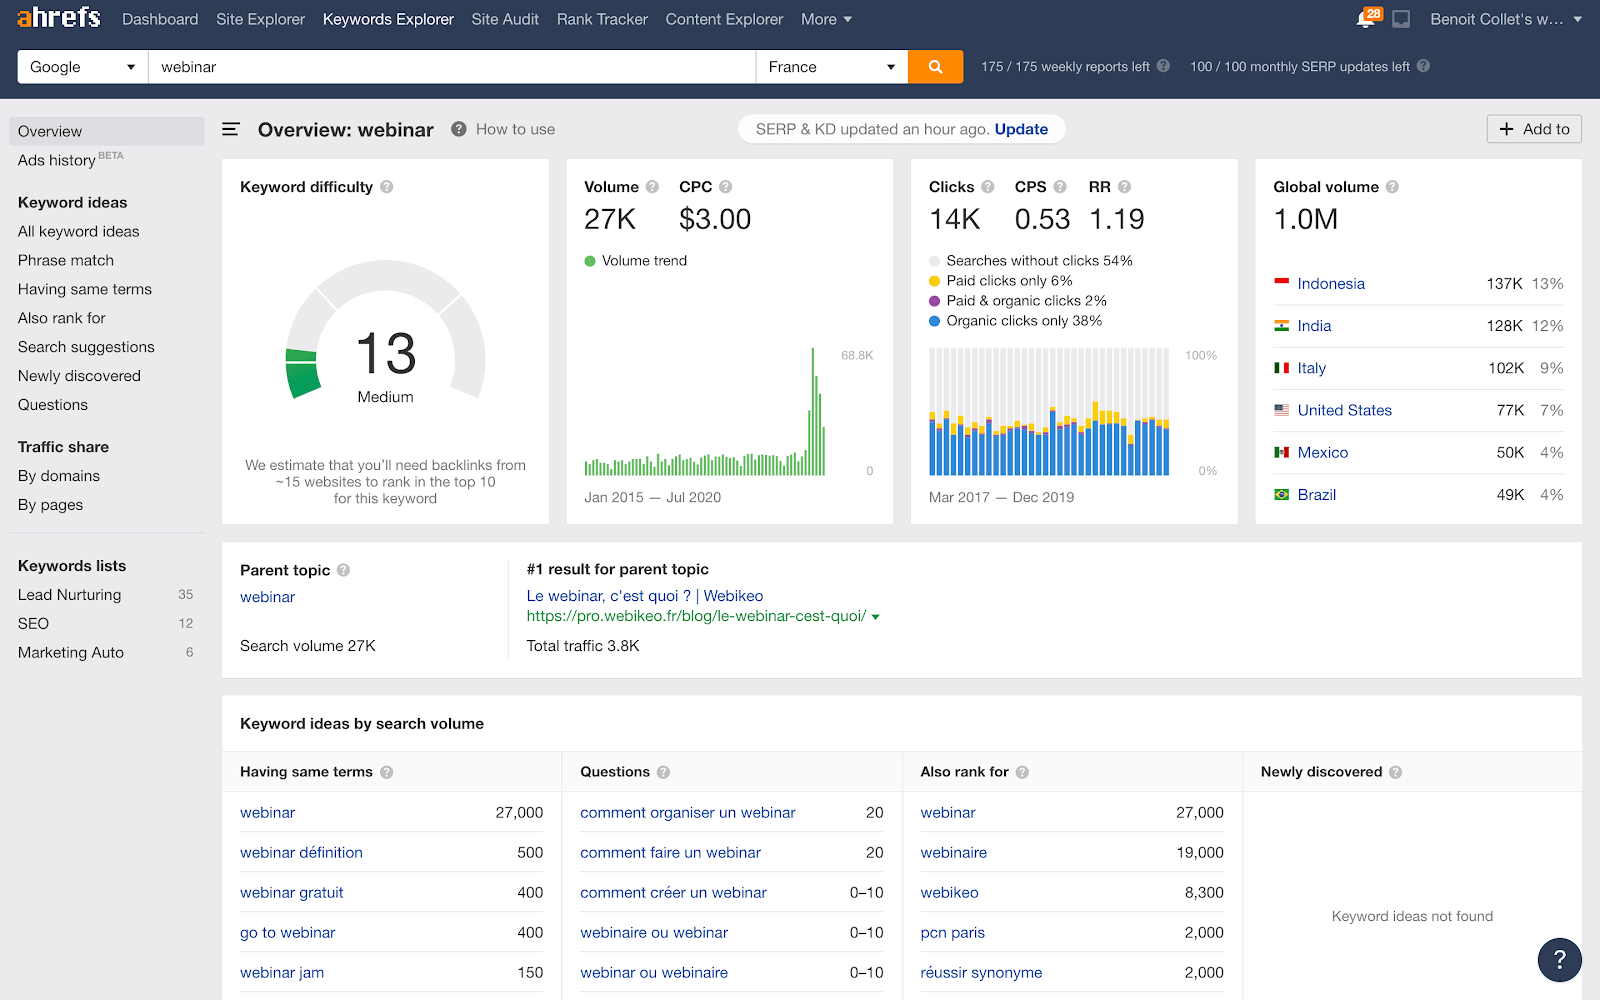 keywords explorer de ahrefs pour trouver des idées de sujets de webinar avec le seo